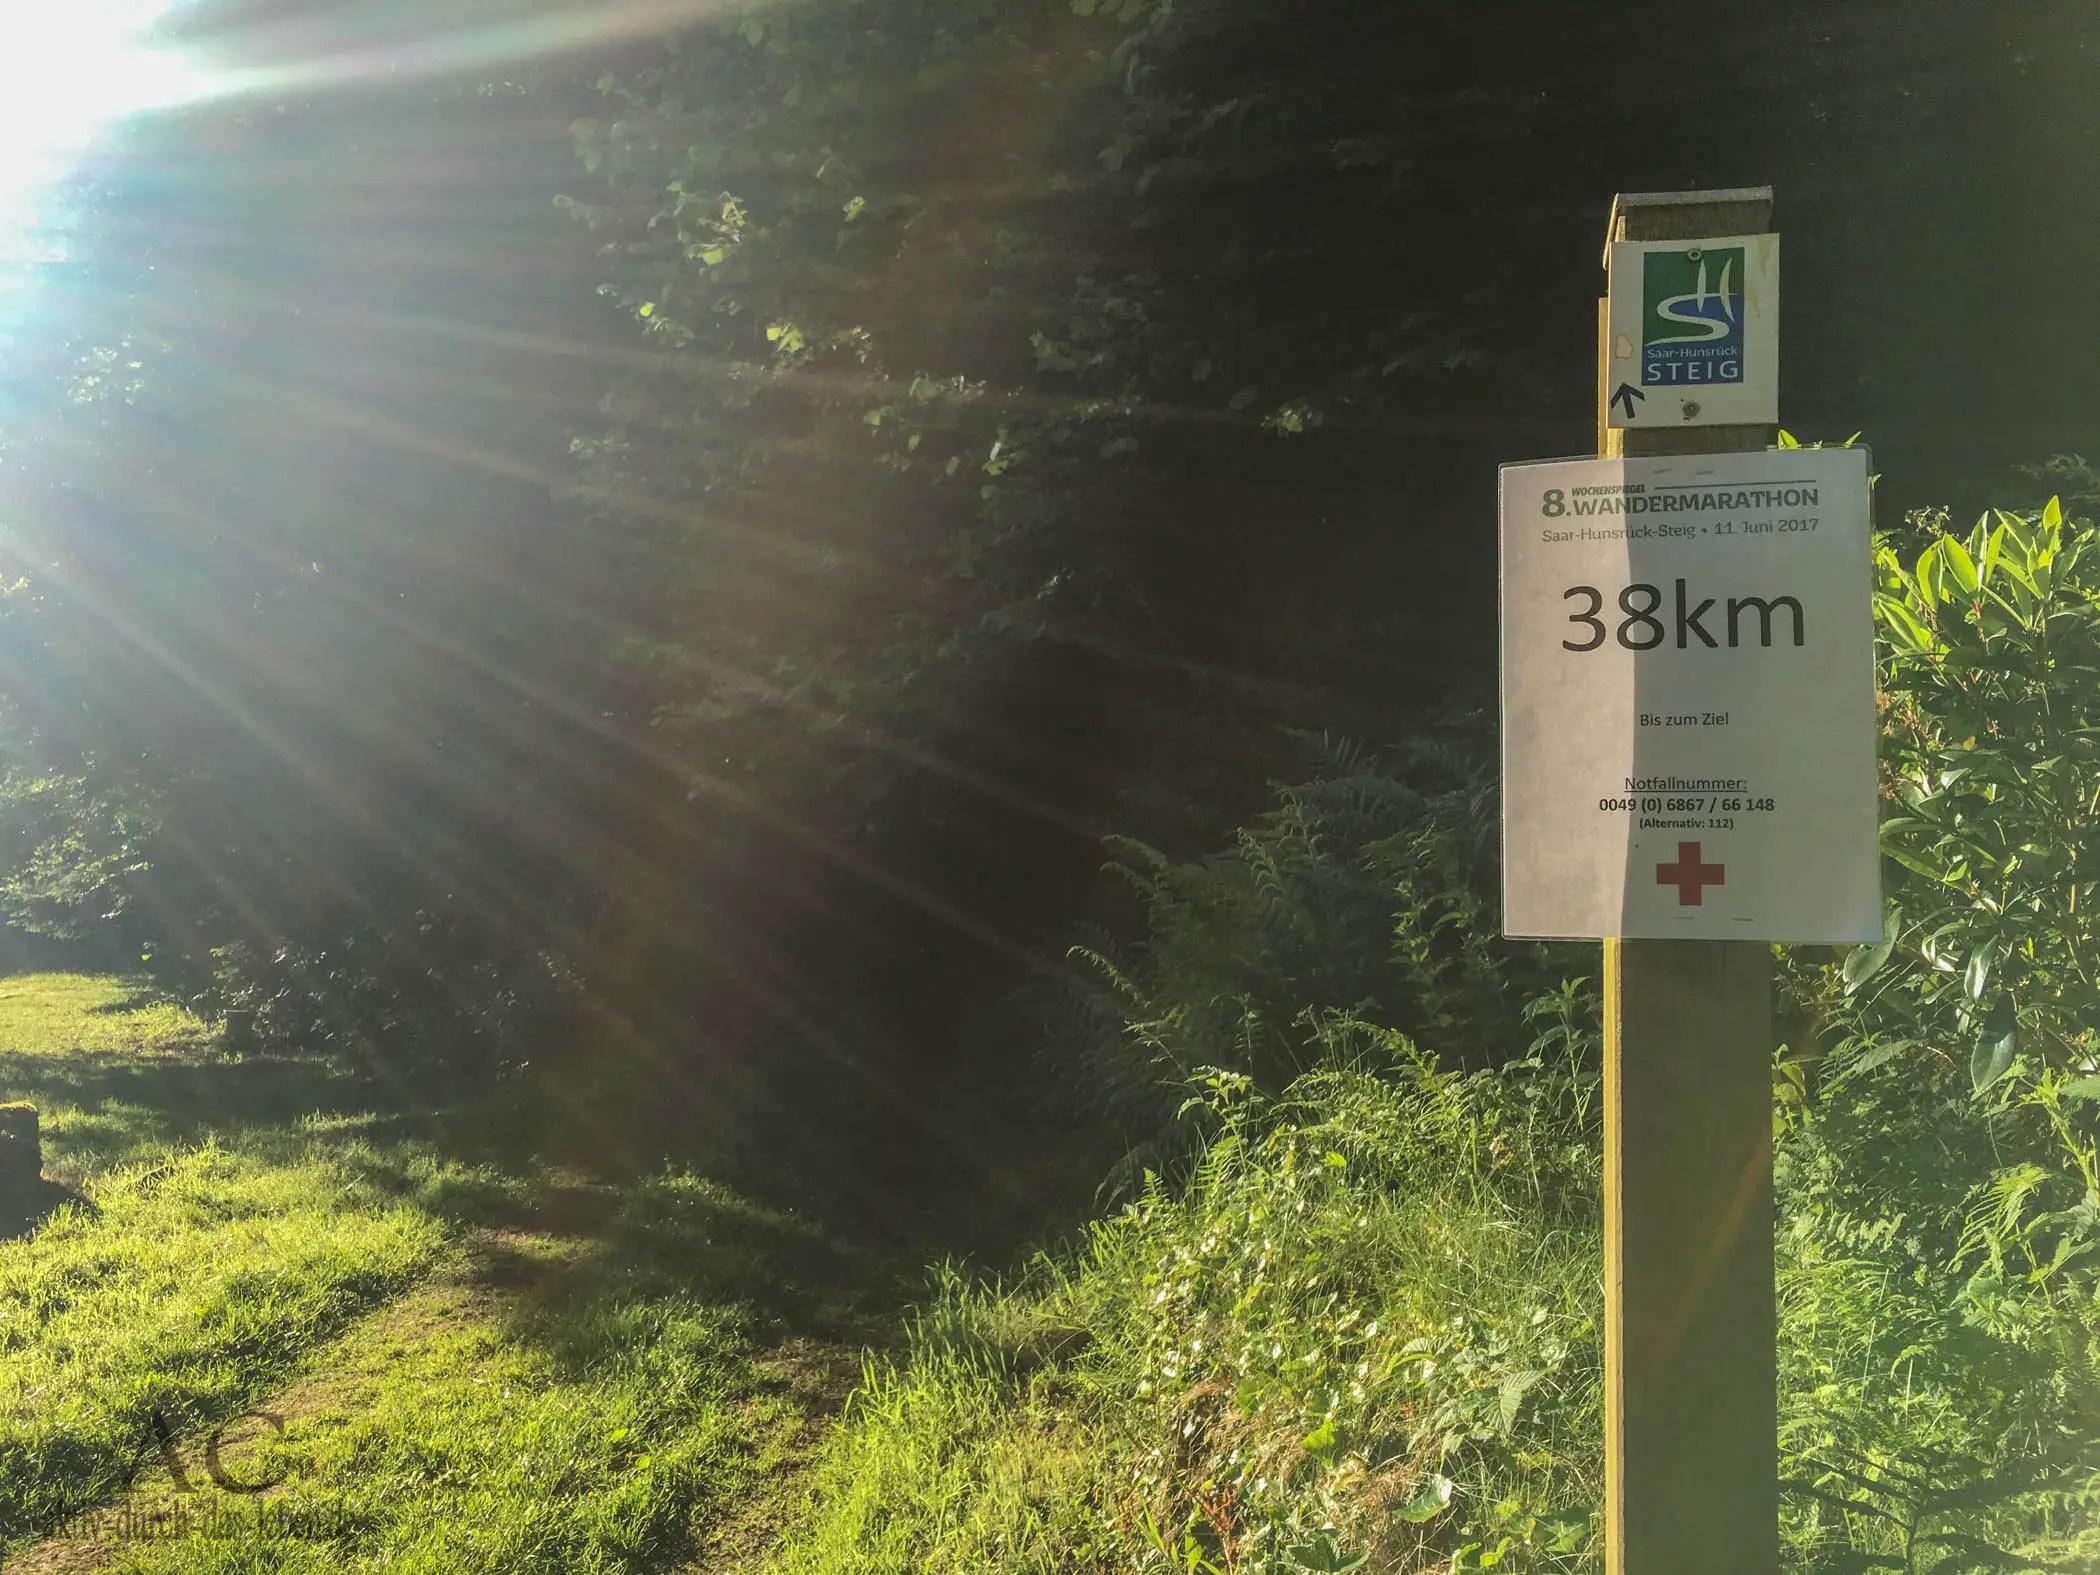 8. Wandermarathon auf dem Saar-Hunsrück-Steig – Wandern auf drei Etappen